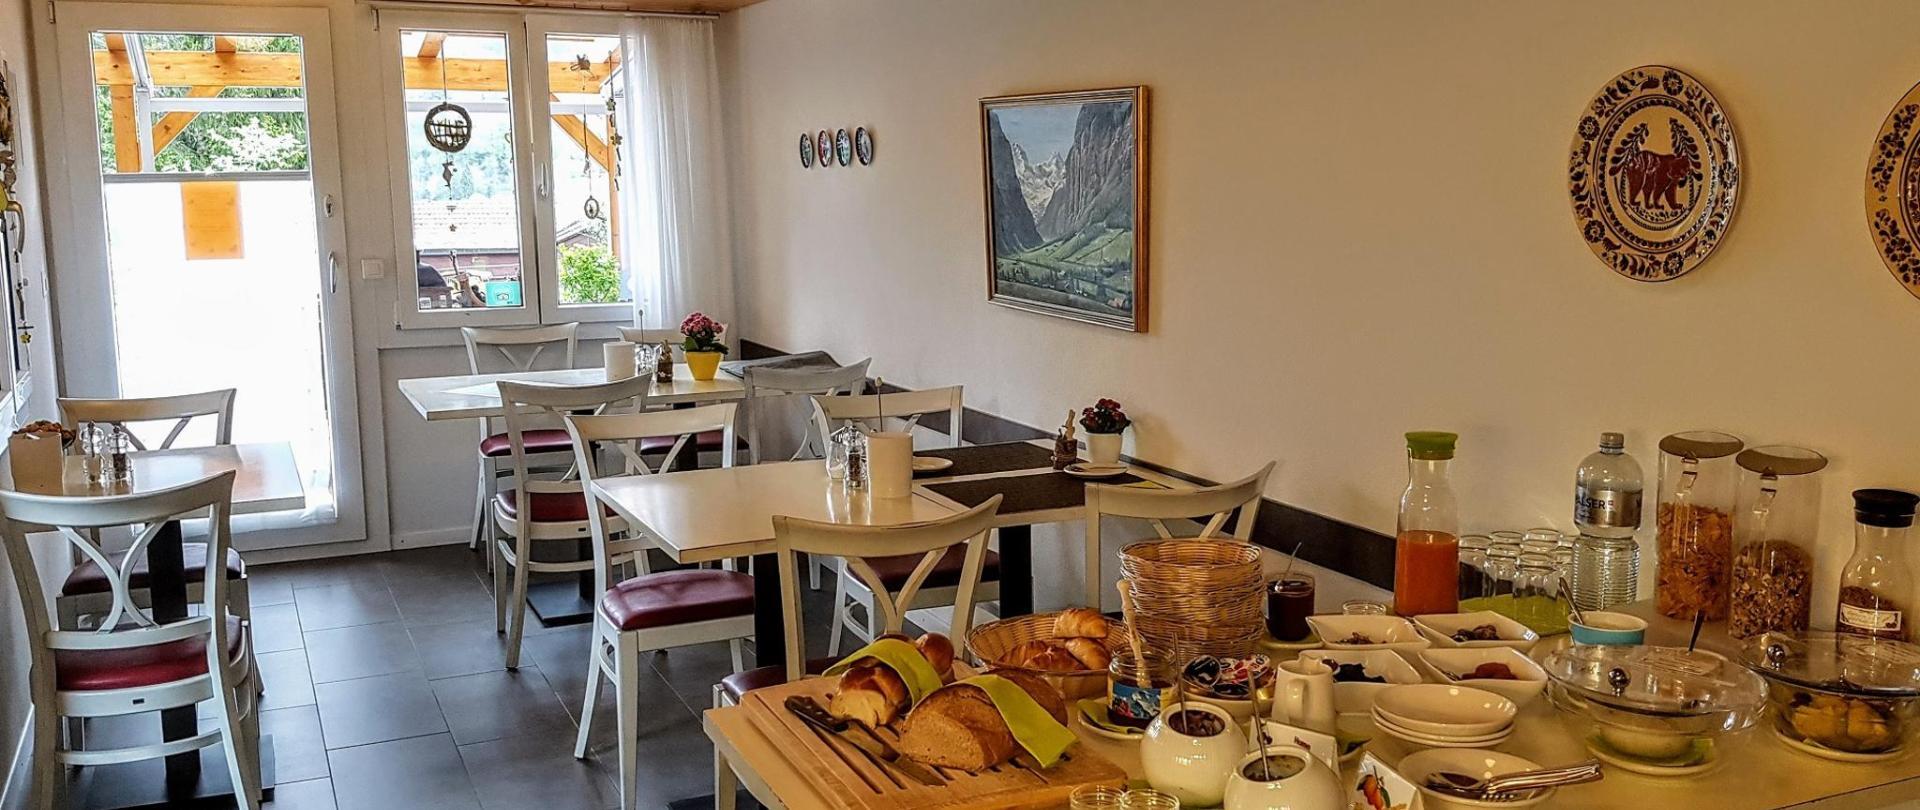 Foto Frühstücksraum 01.jpg